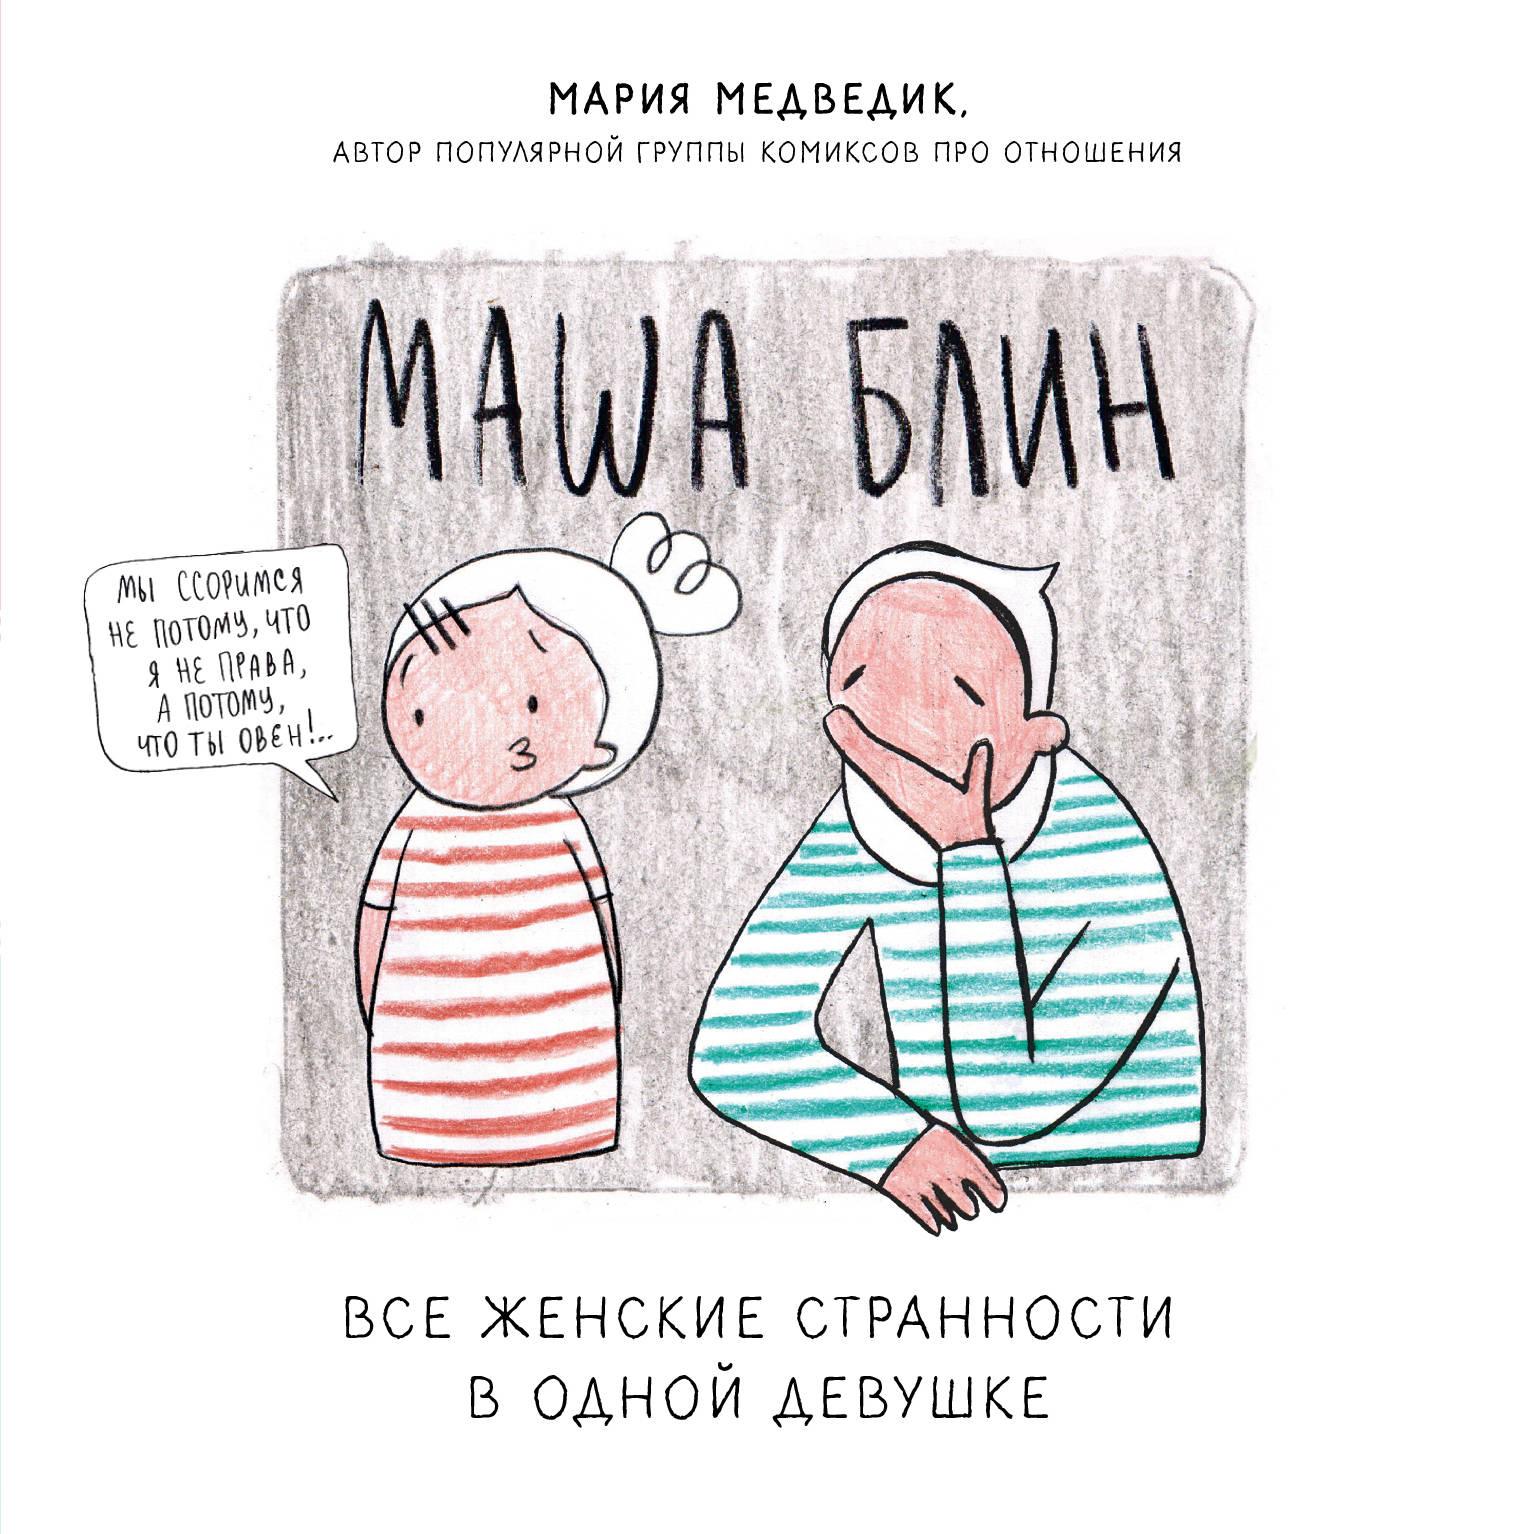 Мария Медведик Маша Блин. Все женские странности в одной девушке